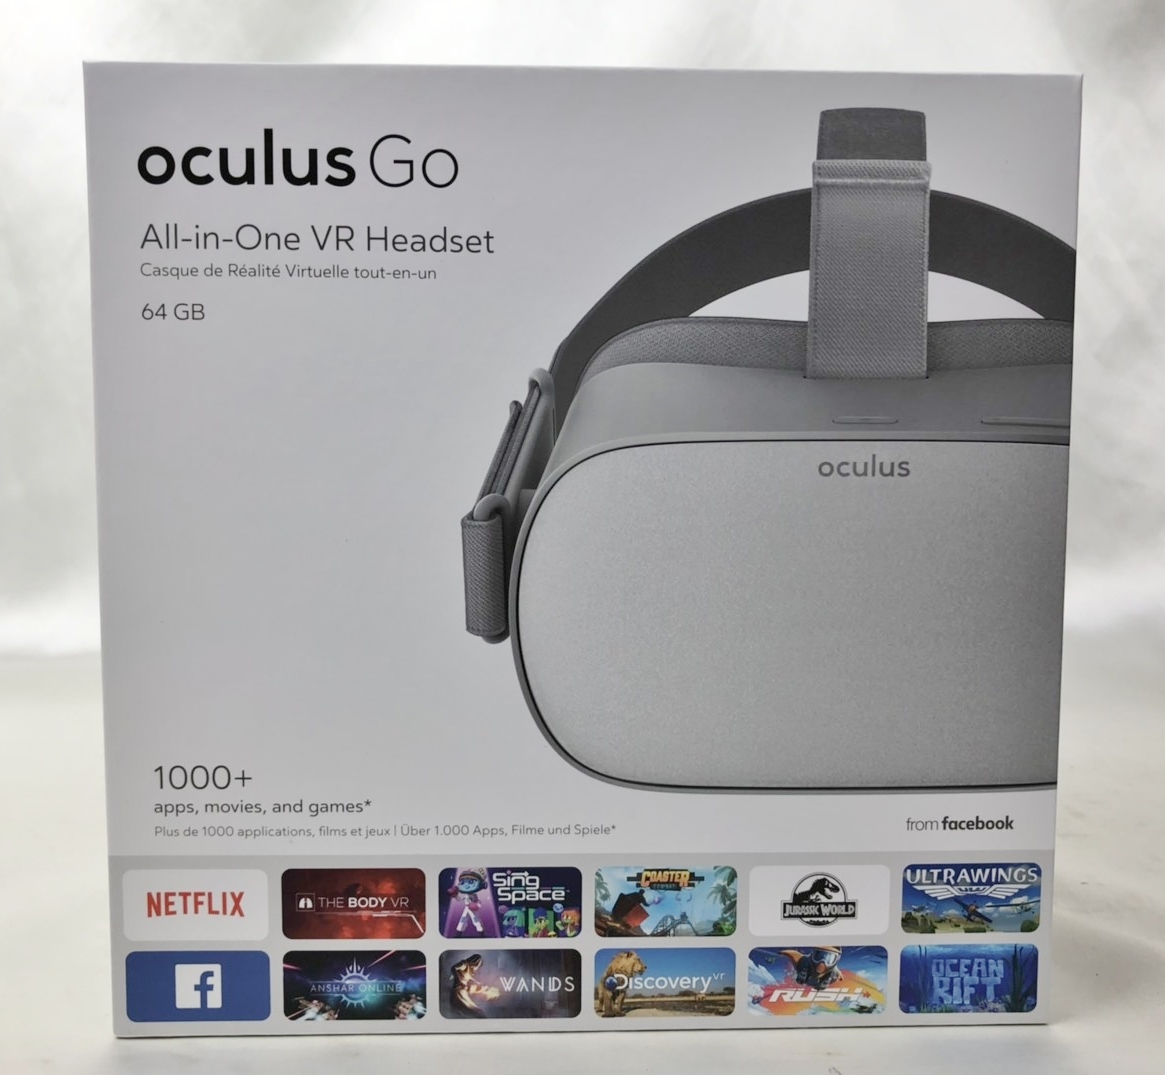 良品 oculus GO オキュラス 64GB VR ヘッドセット MH-A64